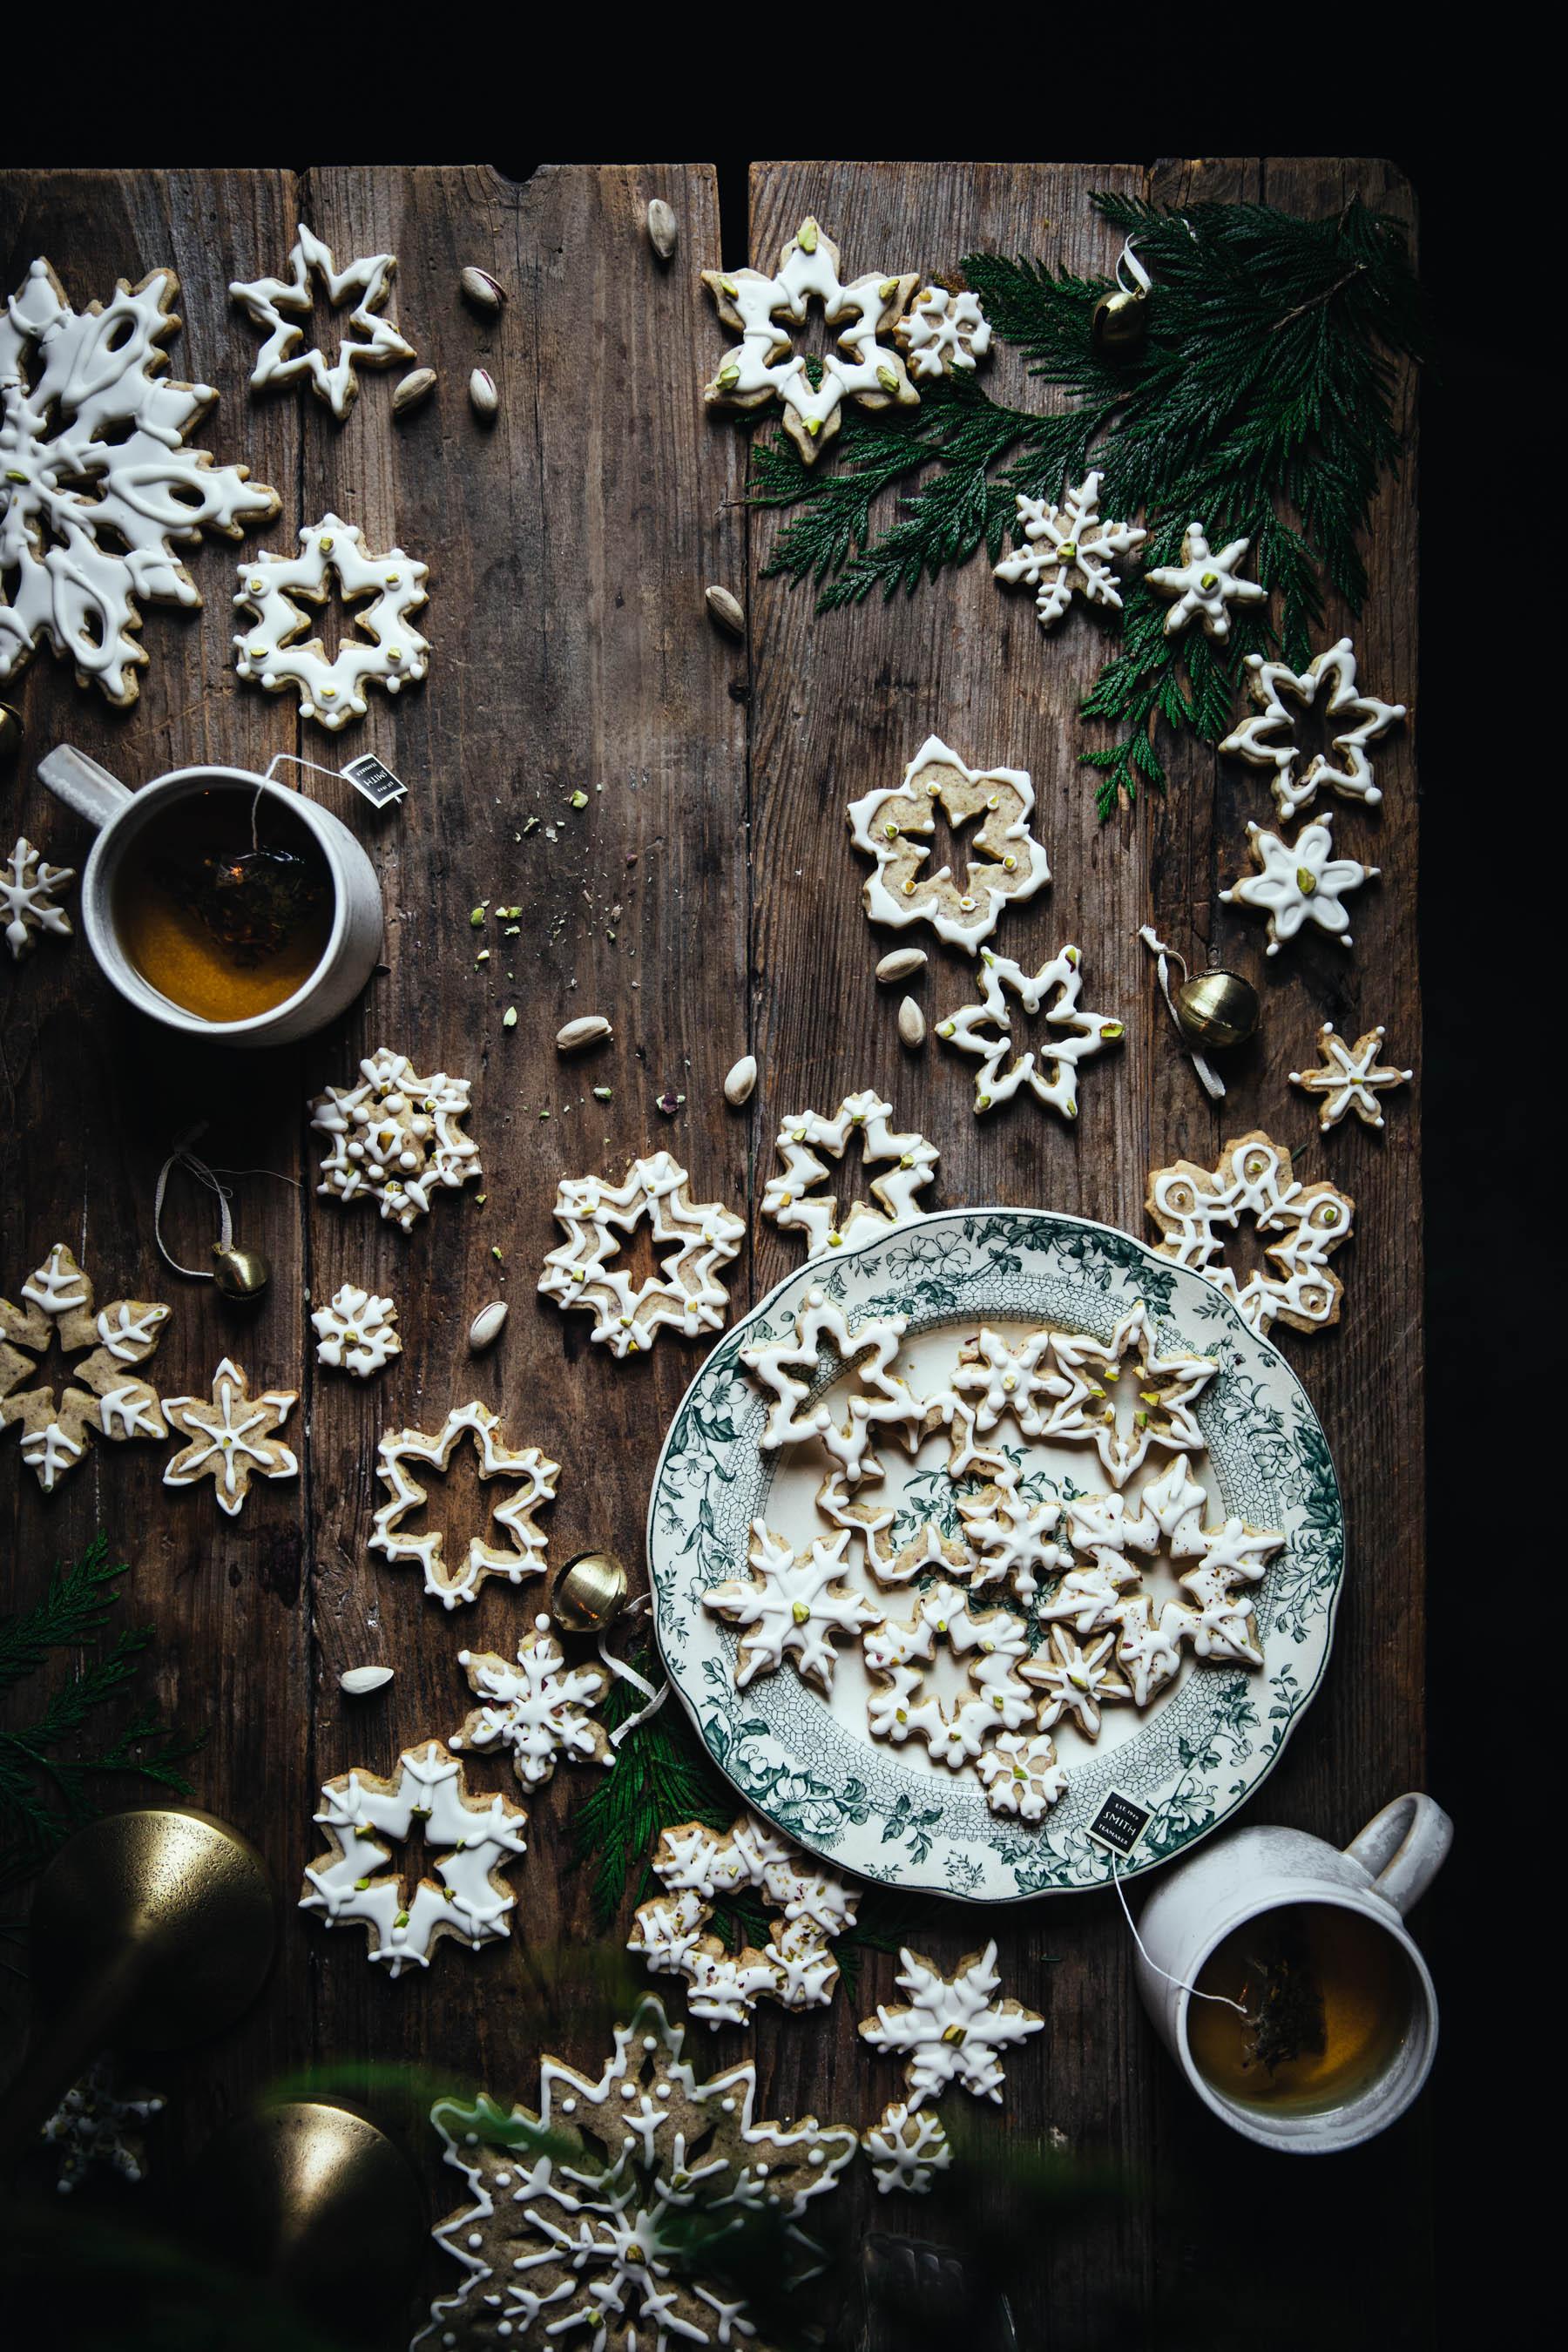 Lemon and Pistachio Shortbread Cookies